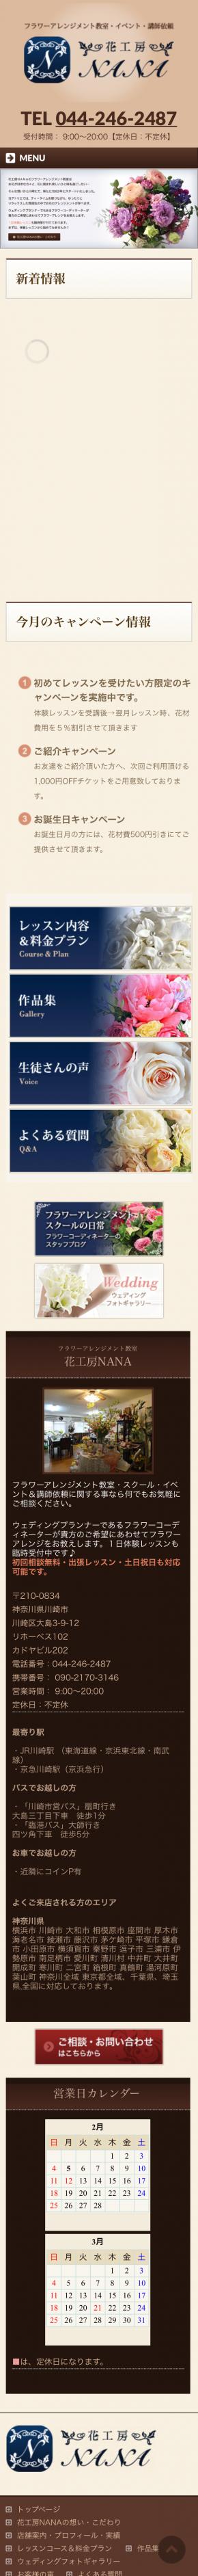 花工房NANA様のスマートフォンサイト